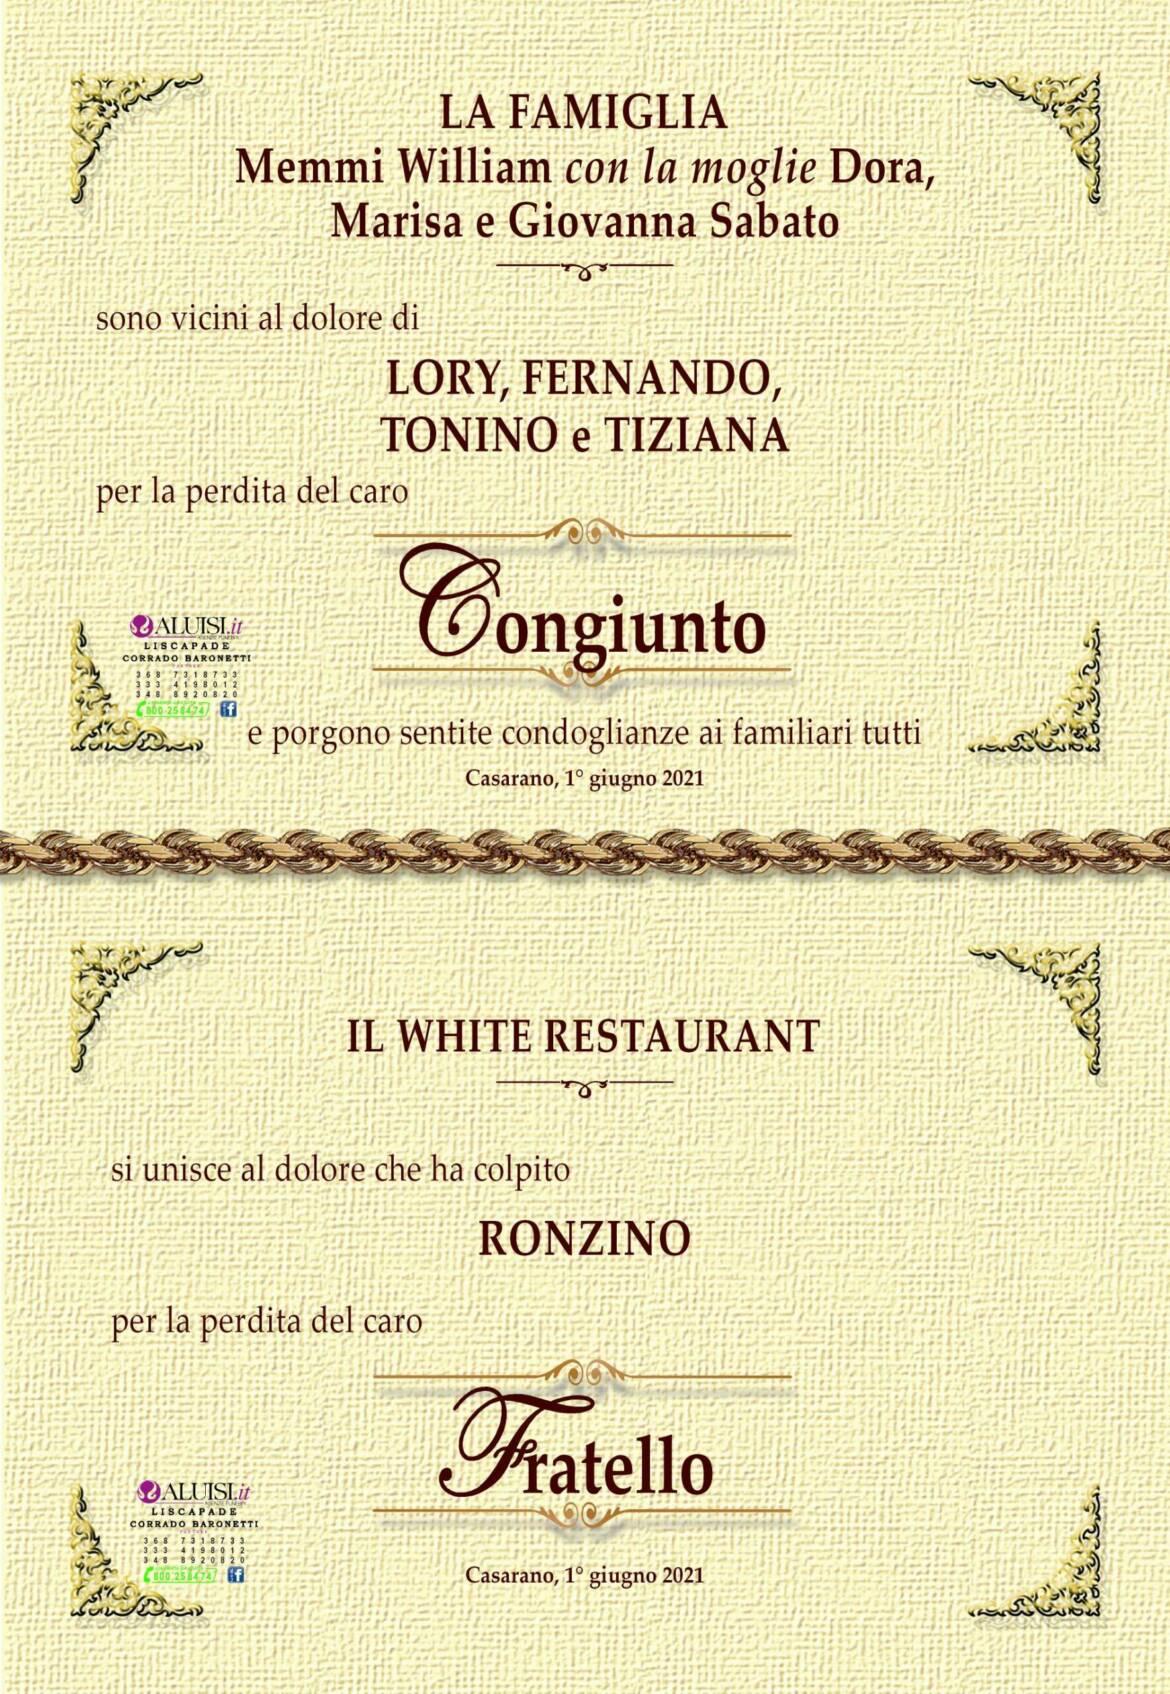 PARTECIPAZIONI-casarano-rocco-scarpino-3-scaled.jpg